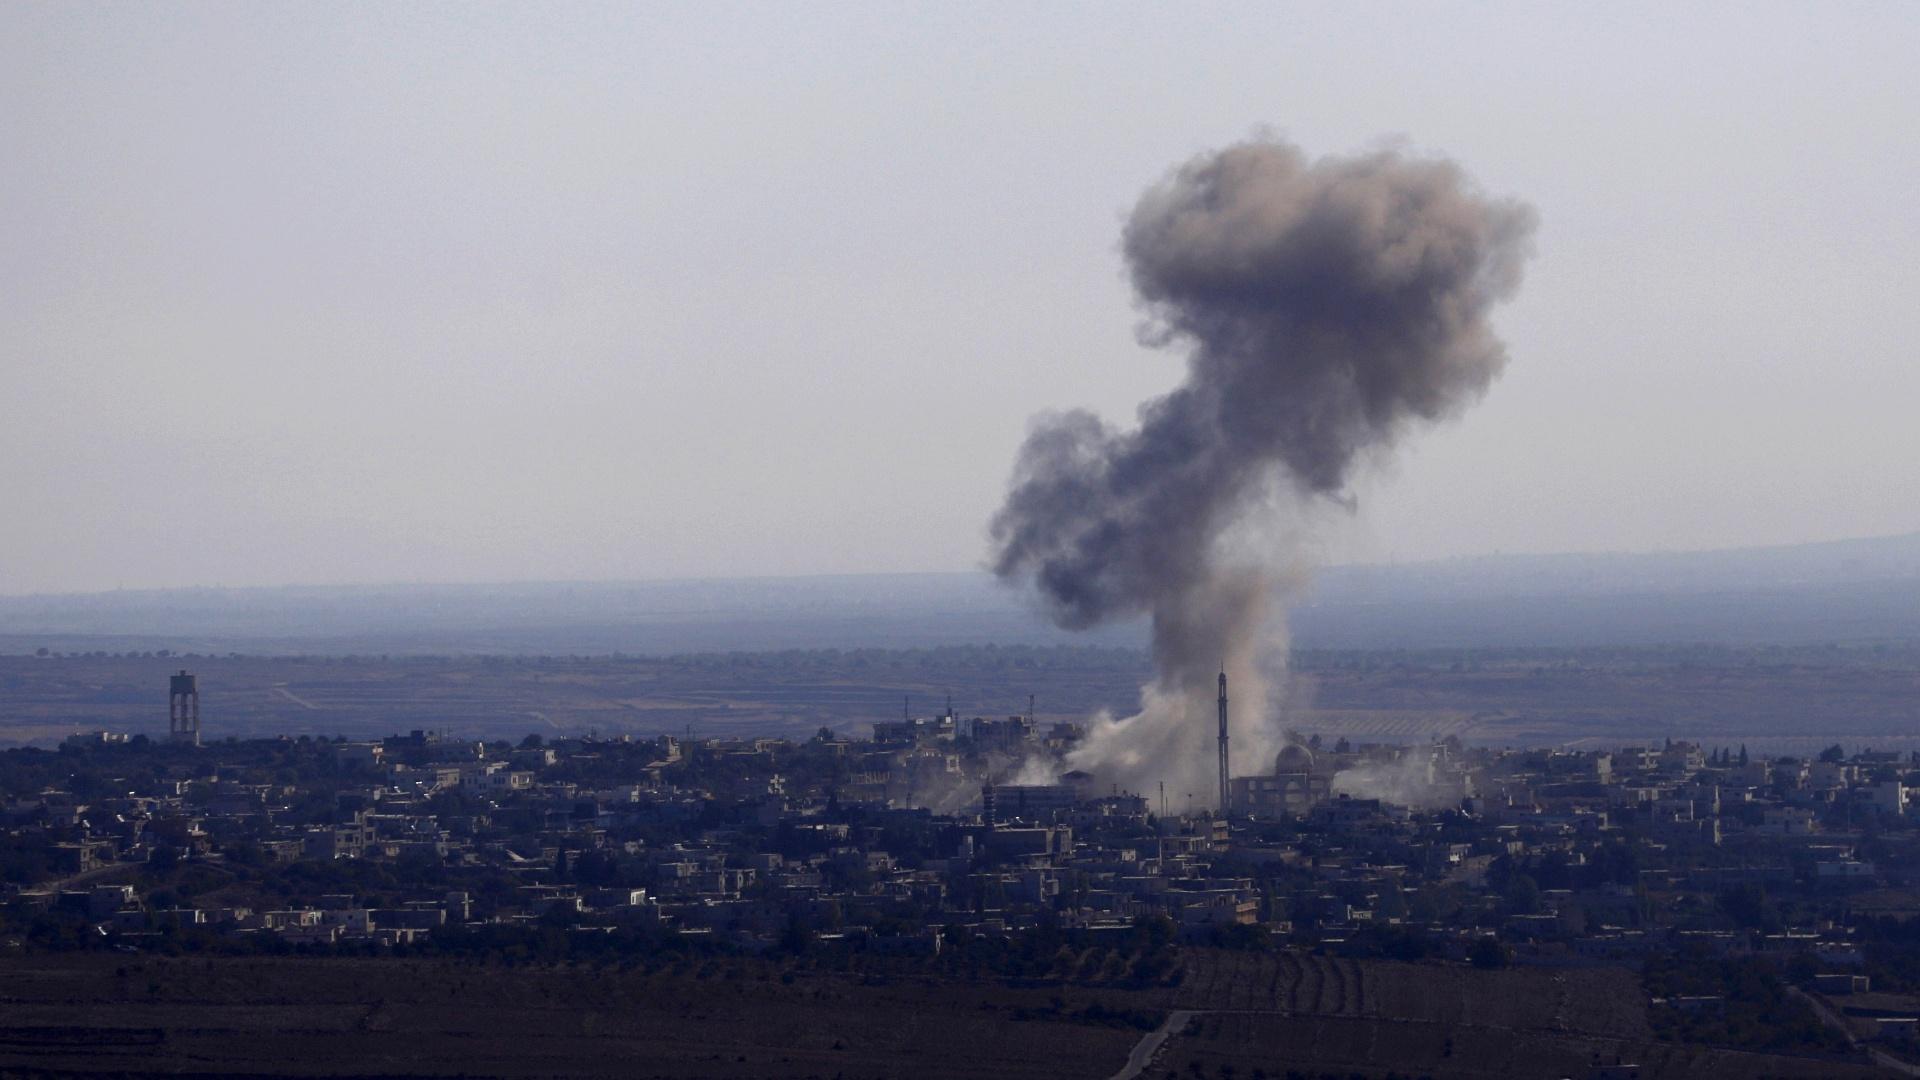 23.set.2014 - Aldeia síria de Jubata al-Khashab é bombardeada por avião sírio nesta terça-feira (23), momentos antes de o mesmo avião ser derrubado pelo exército israelense sobre as colinas de Golã. Segundo Israel o caça sírio foi abatido por haver cruzado a linha de cessar-fogo, entrando no setor ocupado por Israel das colinas. Foi o incidente mais grave entre os países desde a eclosão da guerra civil síria em 2011